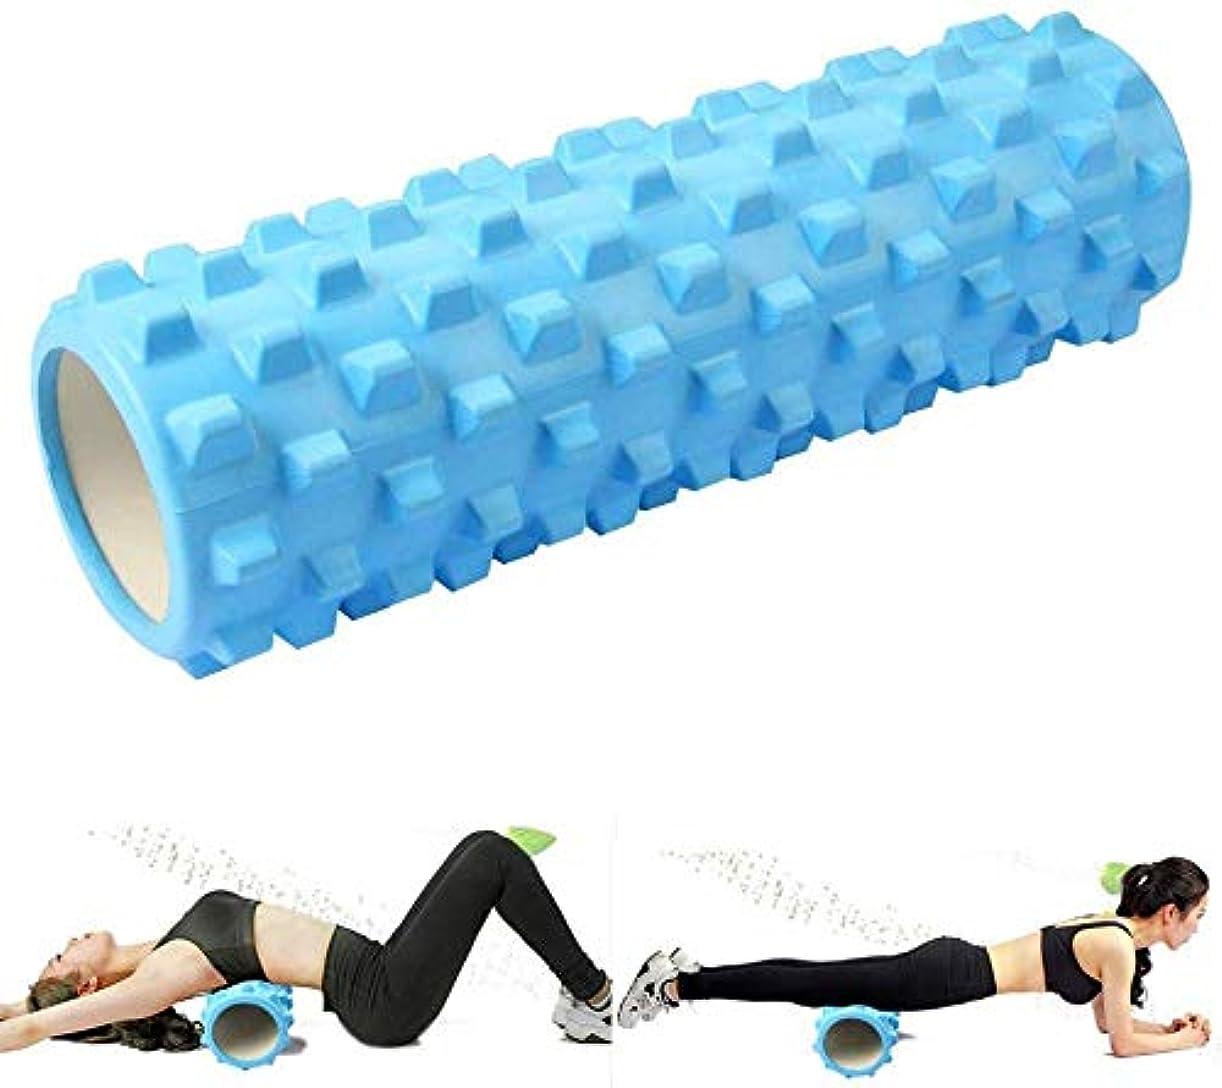 好意柔らかさ許されるフォームローラー、理学療法と運動のための深部組織筋肉マッサージヨガフォームローラー,Blue